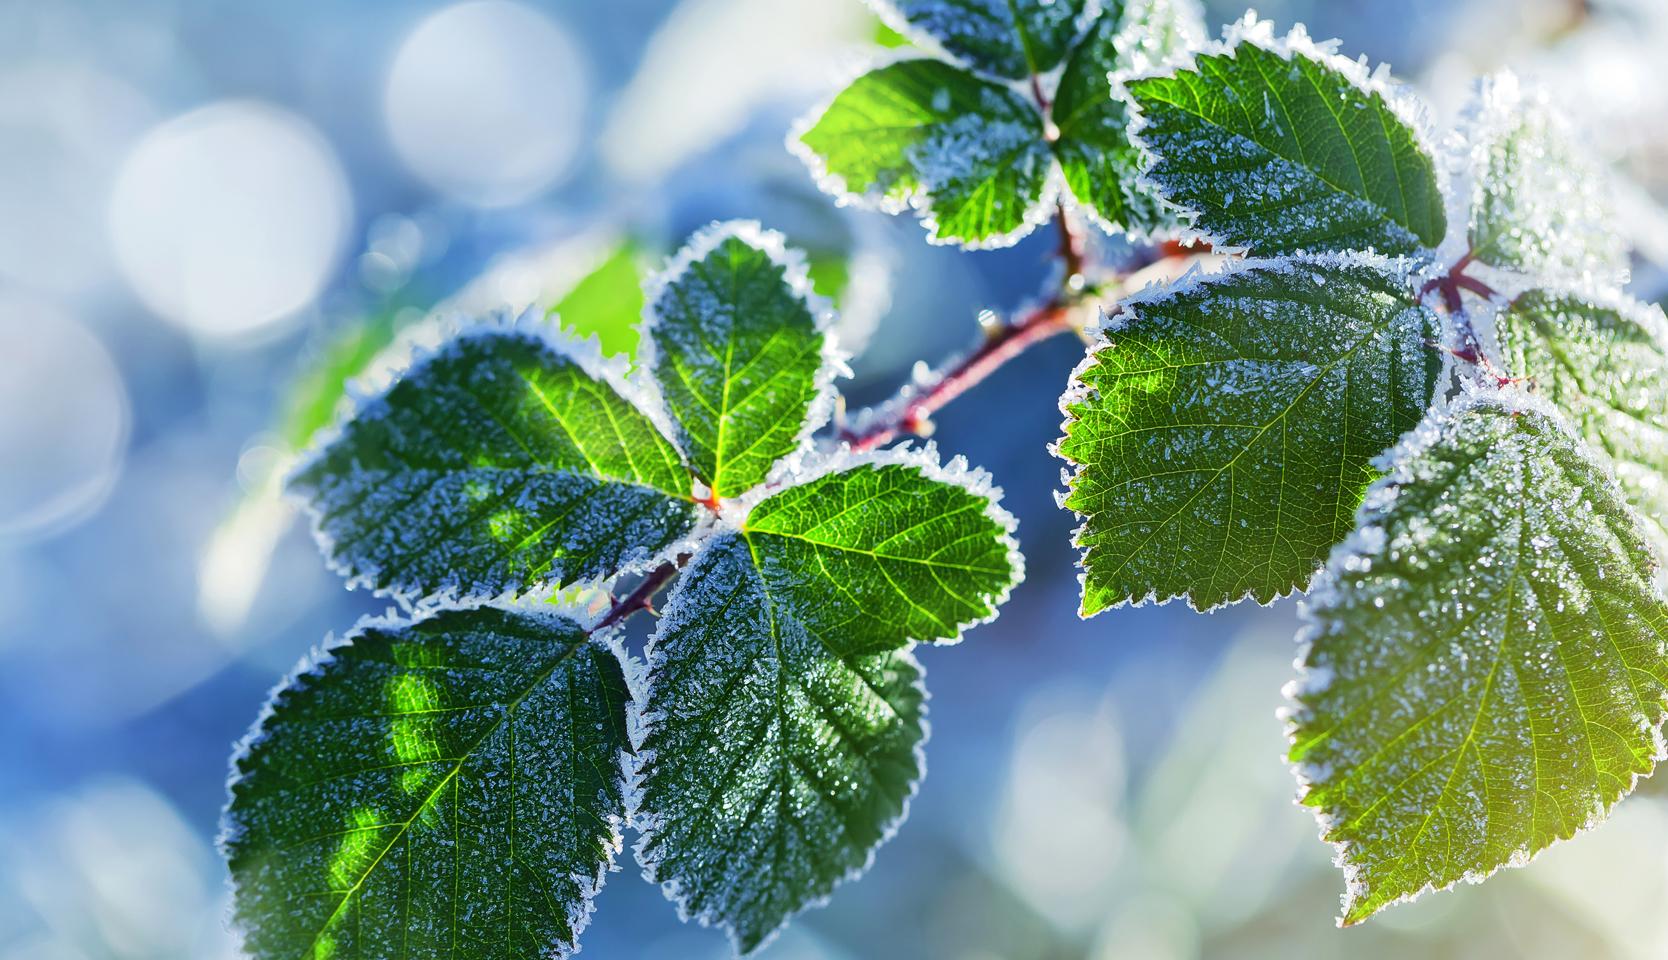 Arbre Fruitier En Pot Interieur arbustes fruitiers en pot : comment les protéger l'hiver